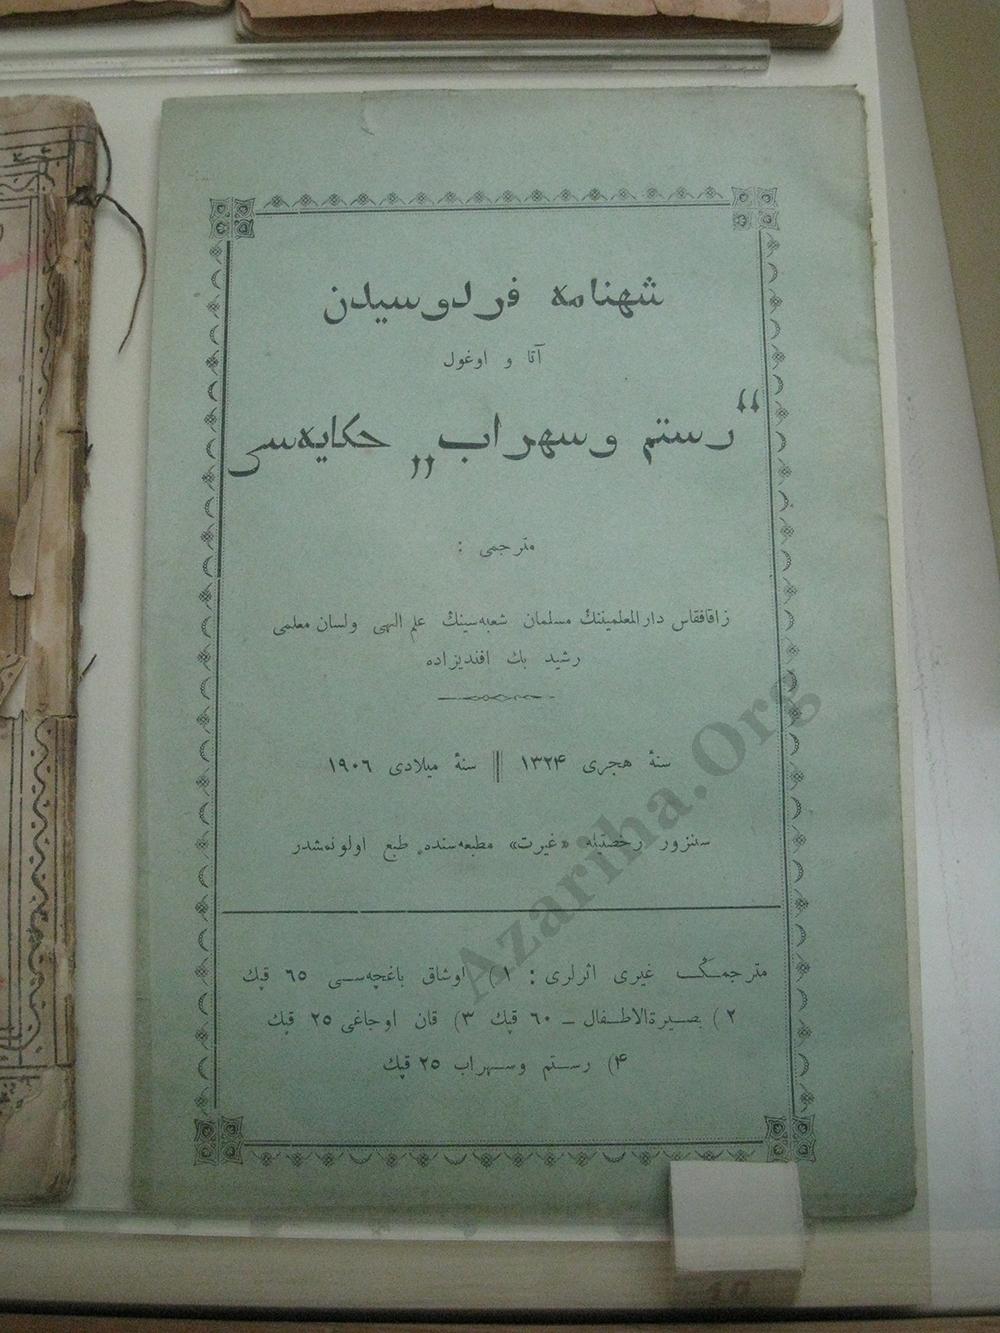 نام تاریخی جمهوری آذربایجان؛ رواج «زاقفقاز» به جای آذربایجان در شمال ارس